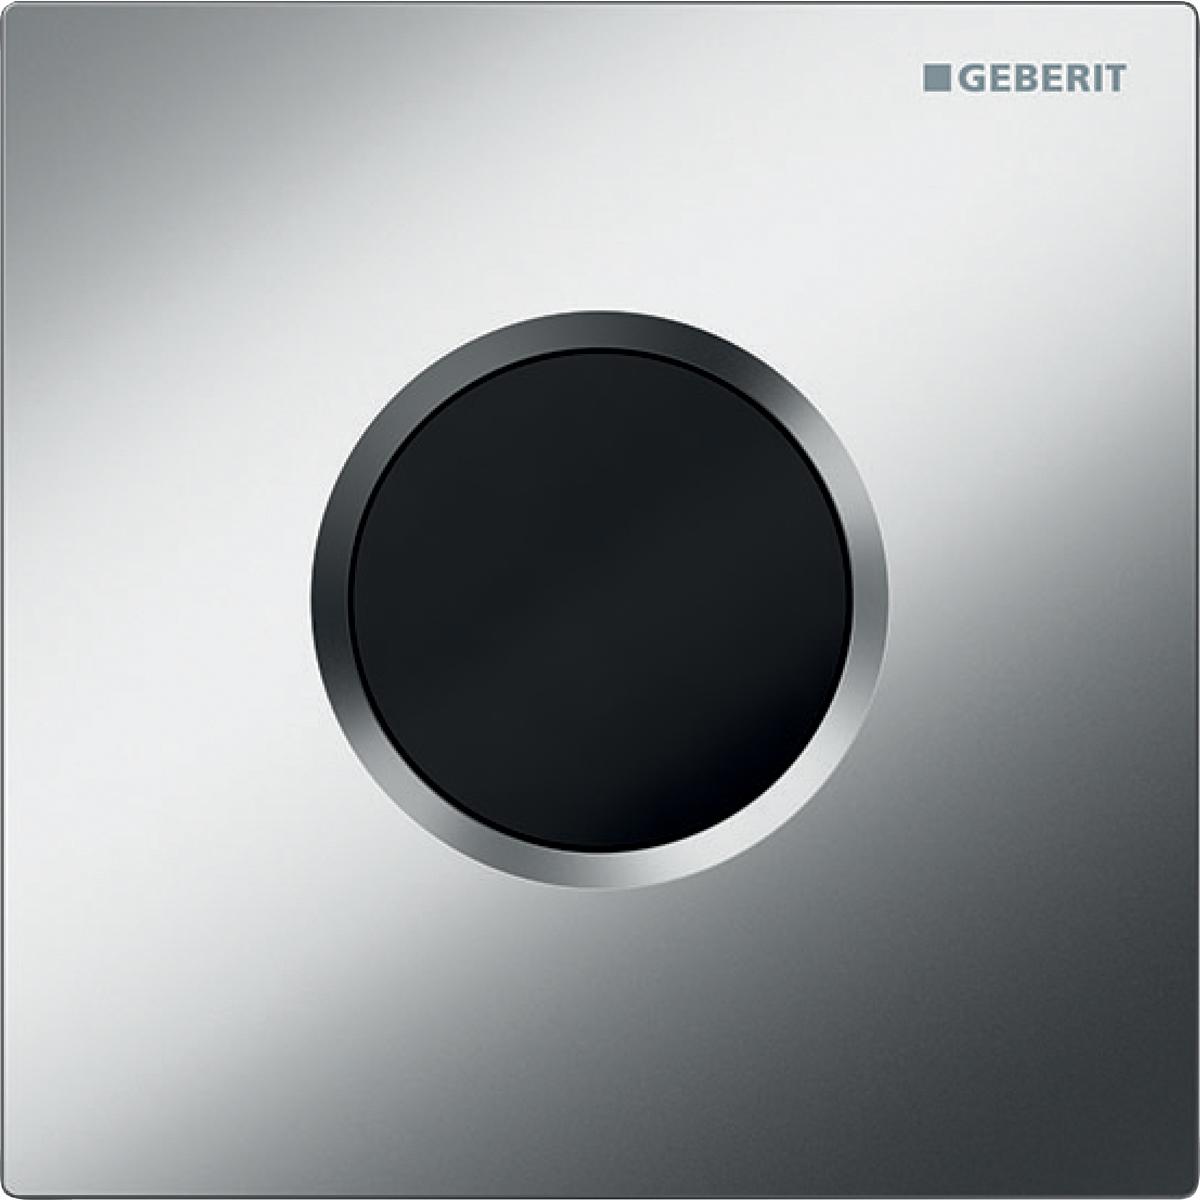 купить GEBERIT Sigma 01 116.031.46.5  (130x130мм)